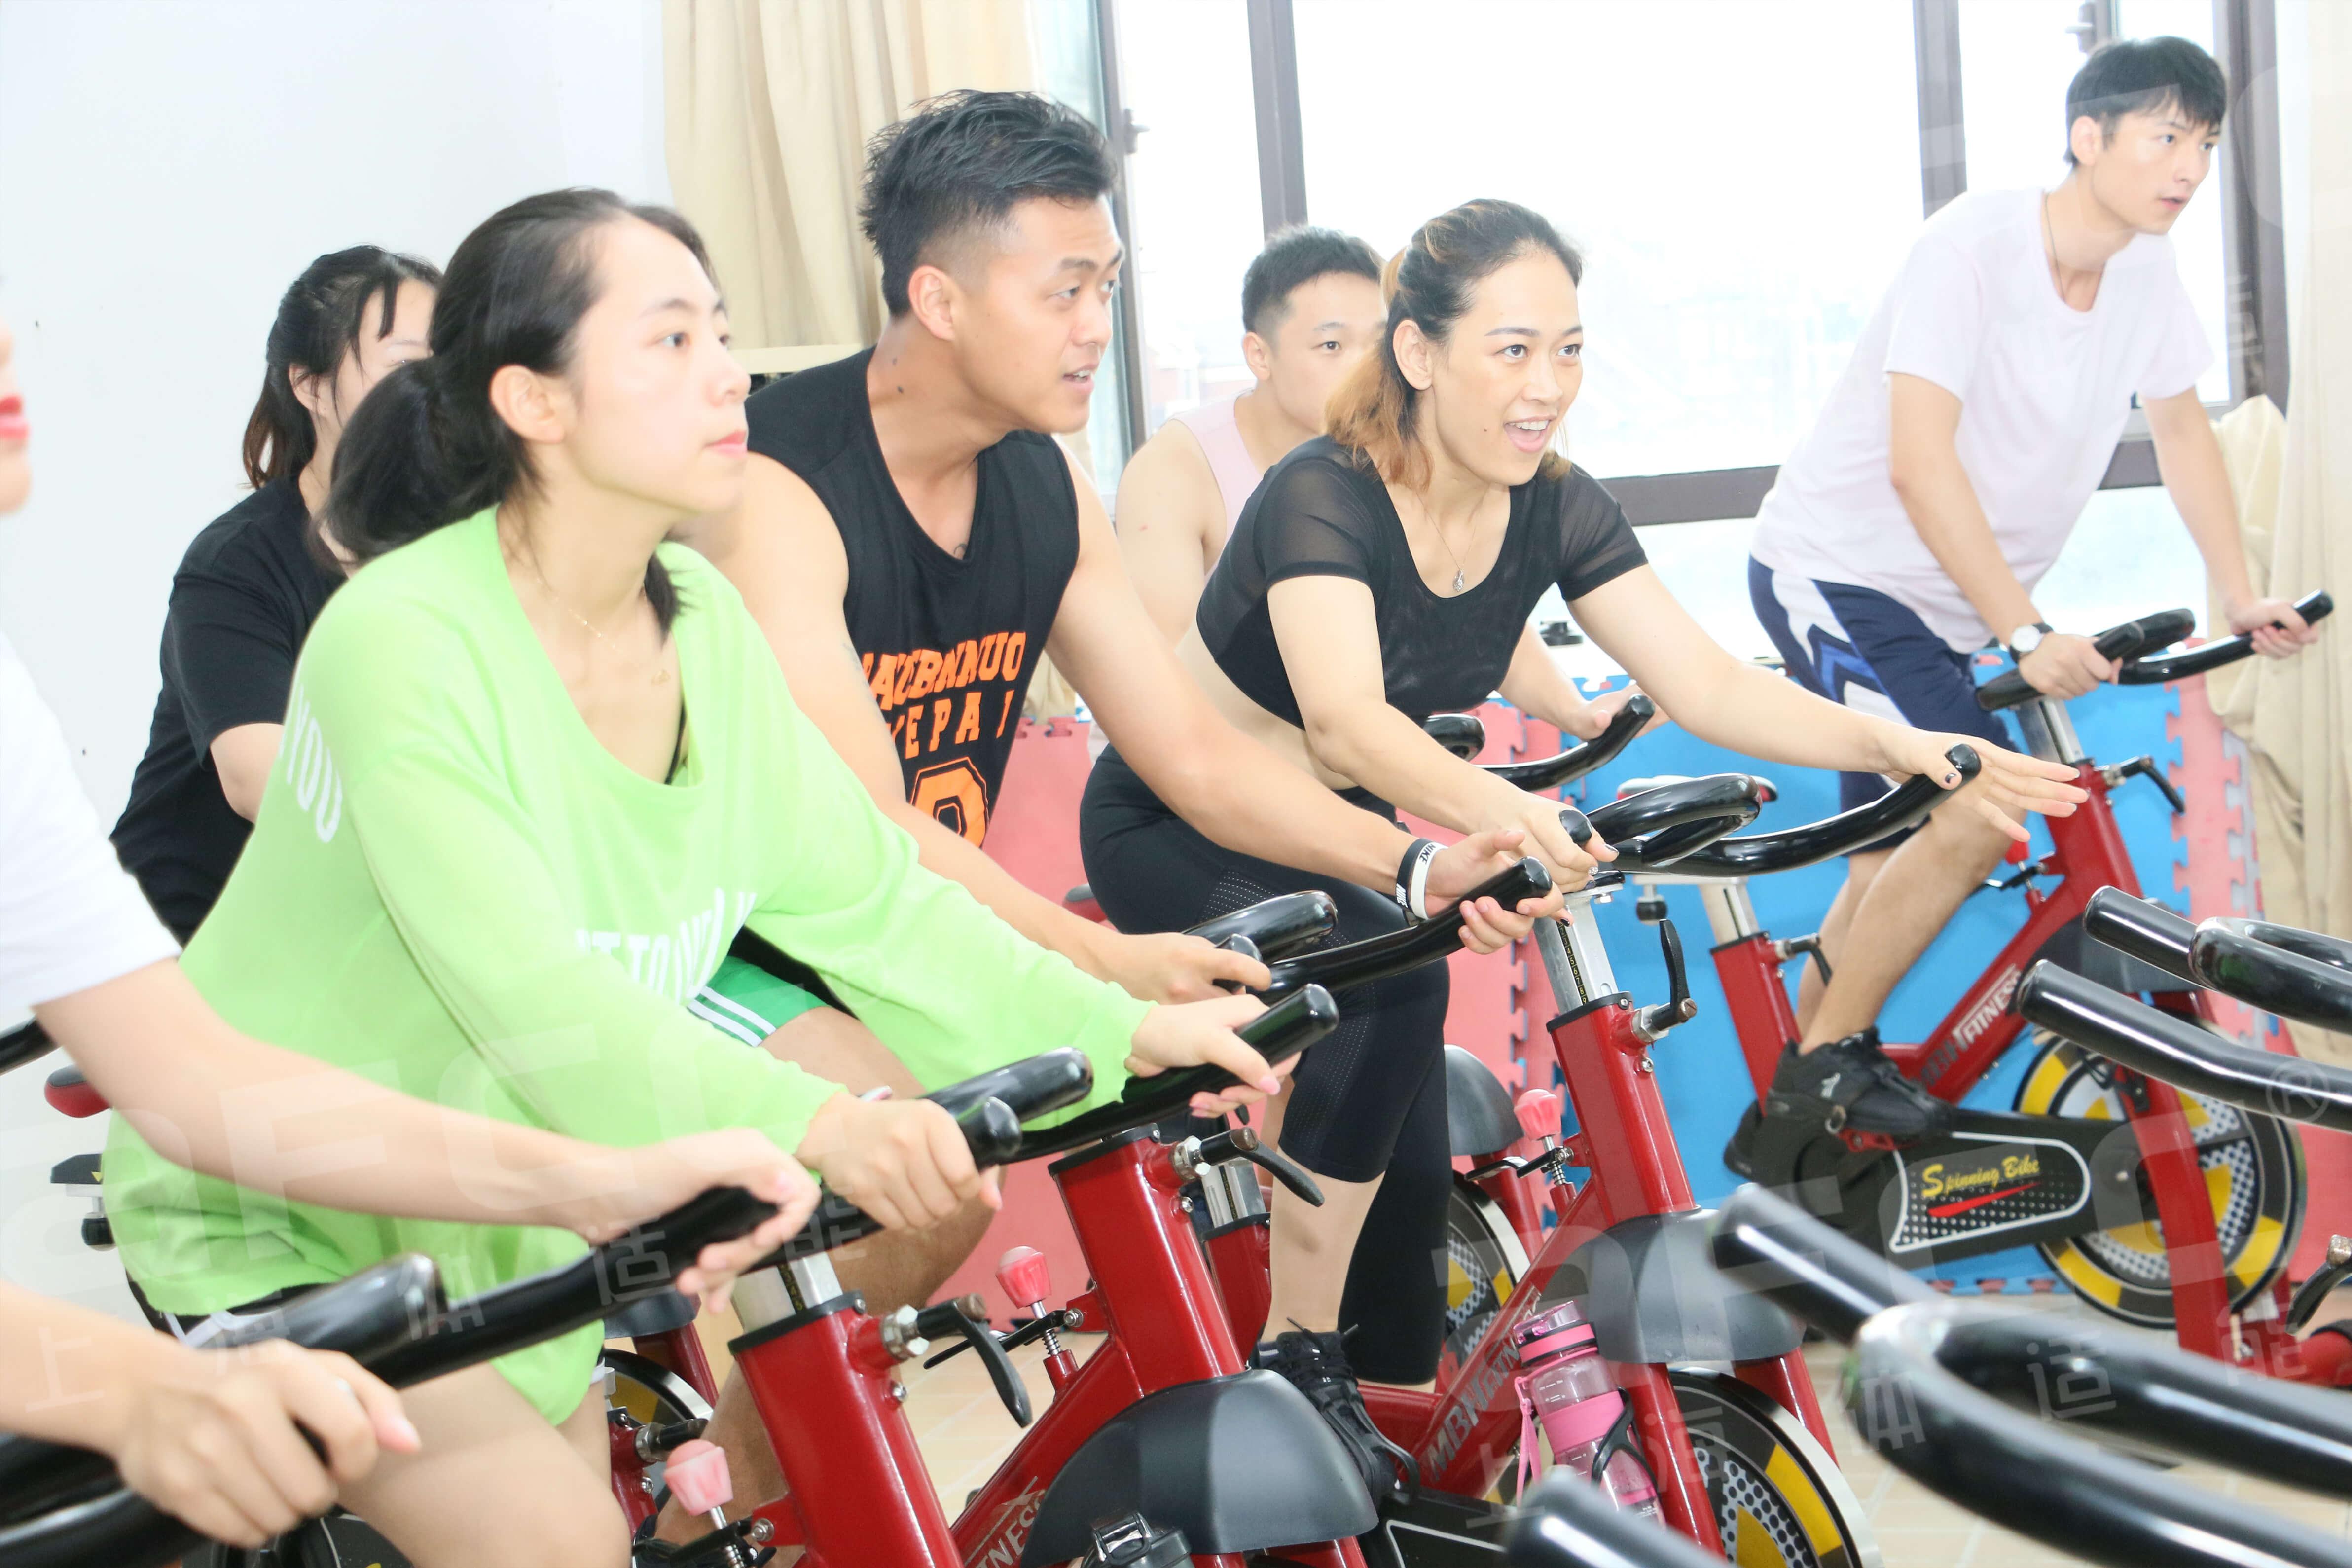 主要锻炼练习者的心肺功能